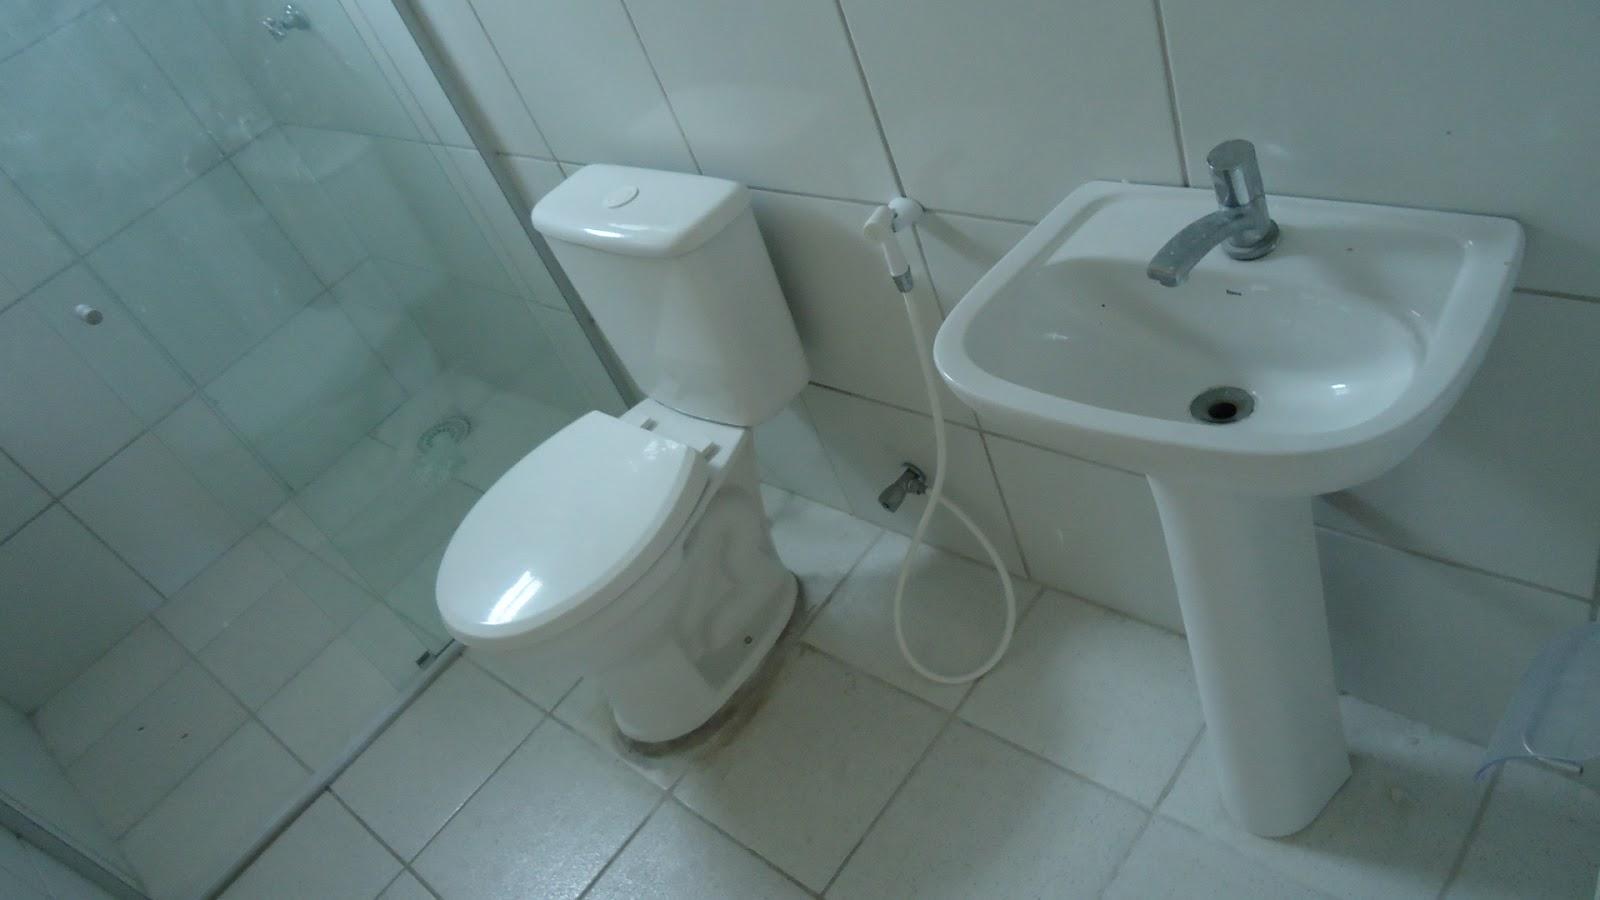 Foto de um dos banheiros do pensionato (Fortaleza-CE)